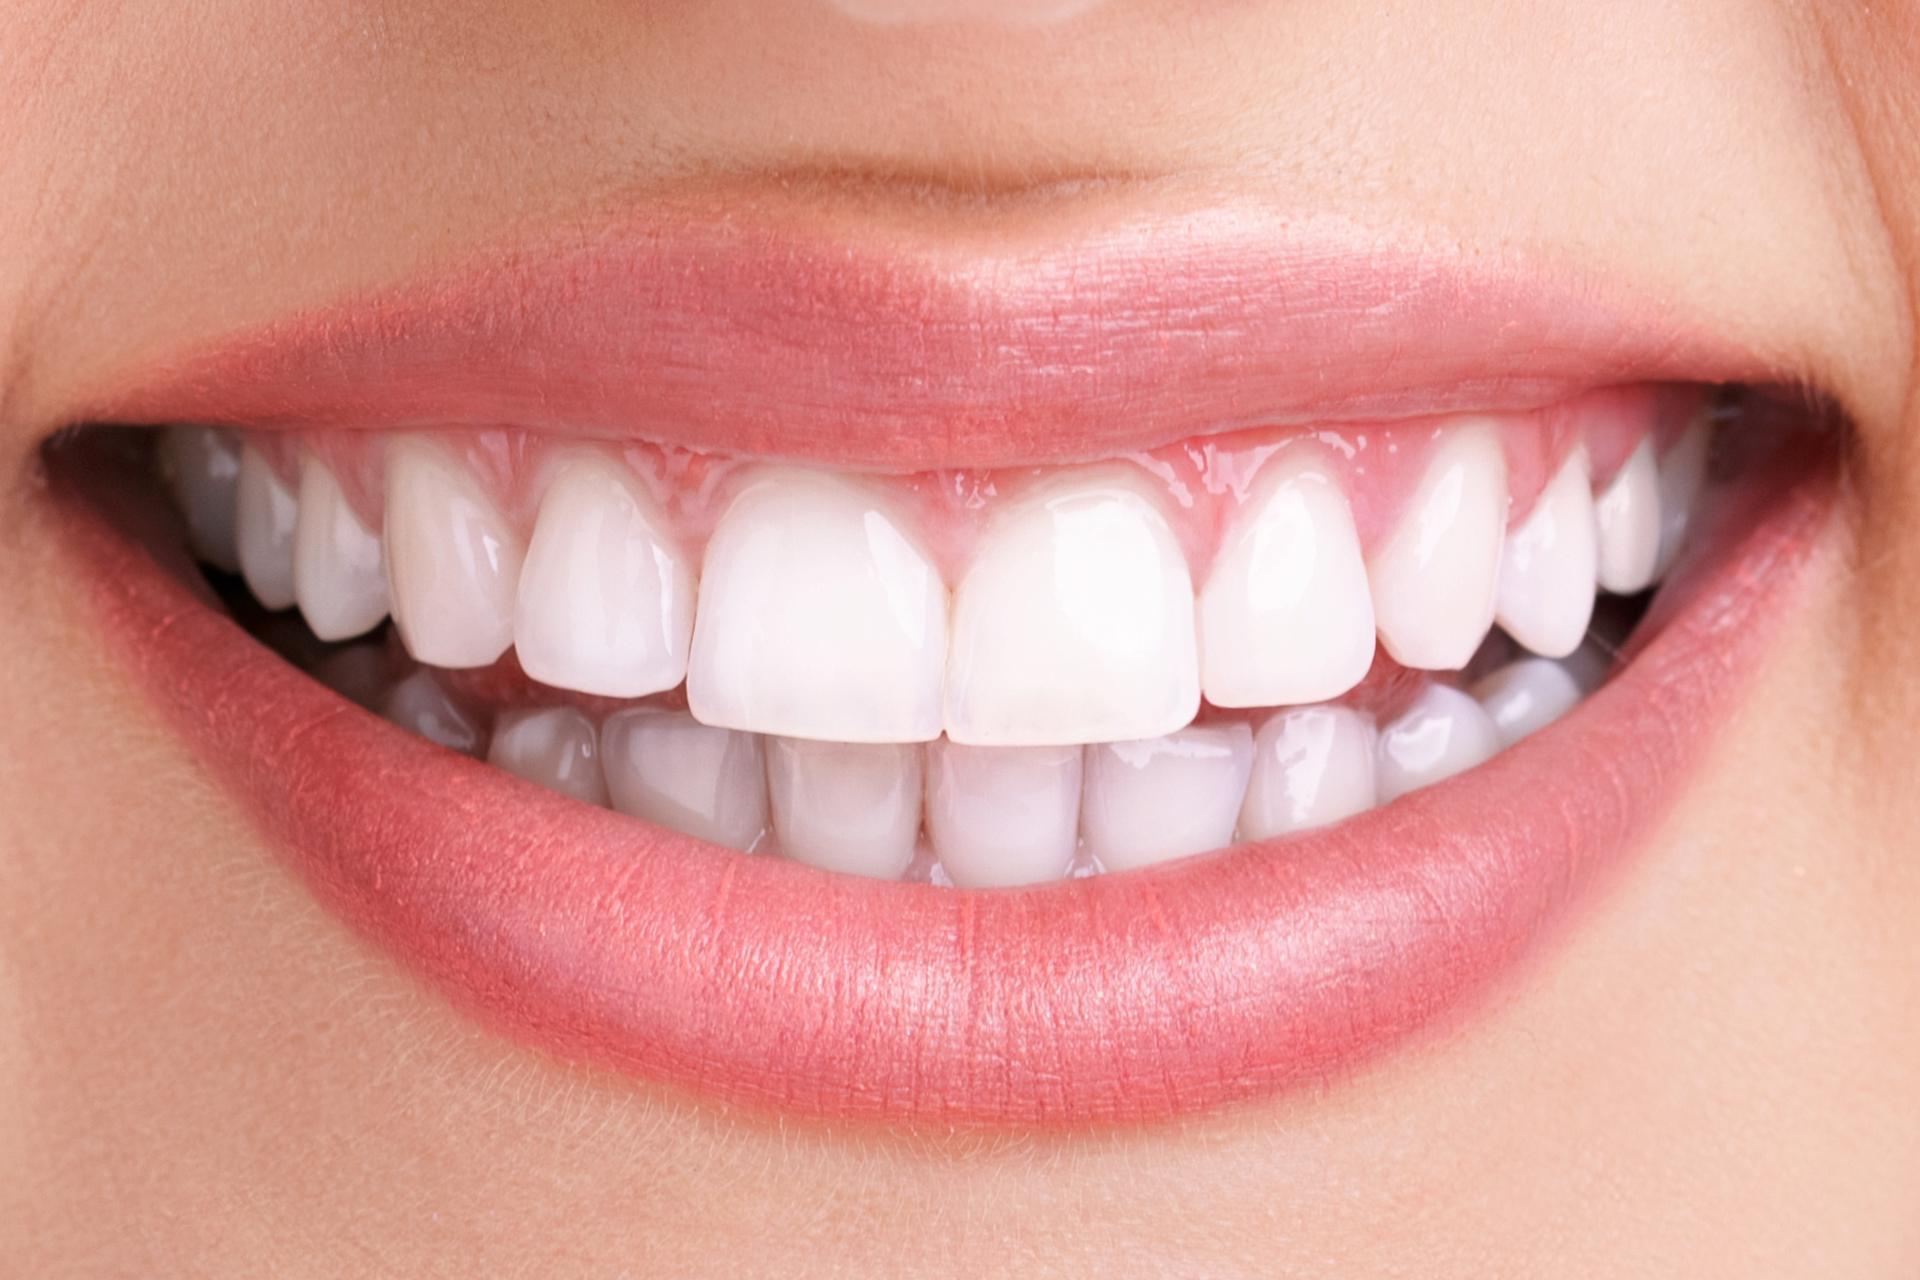 Tender Dental Care